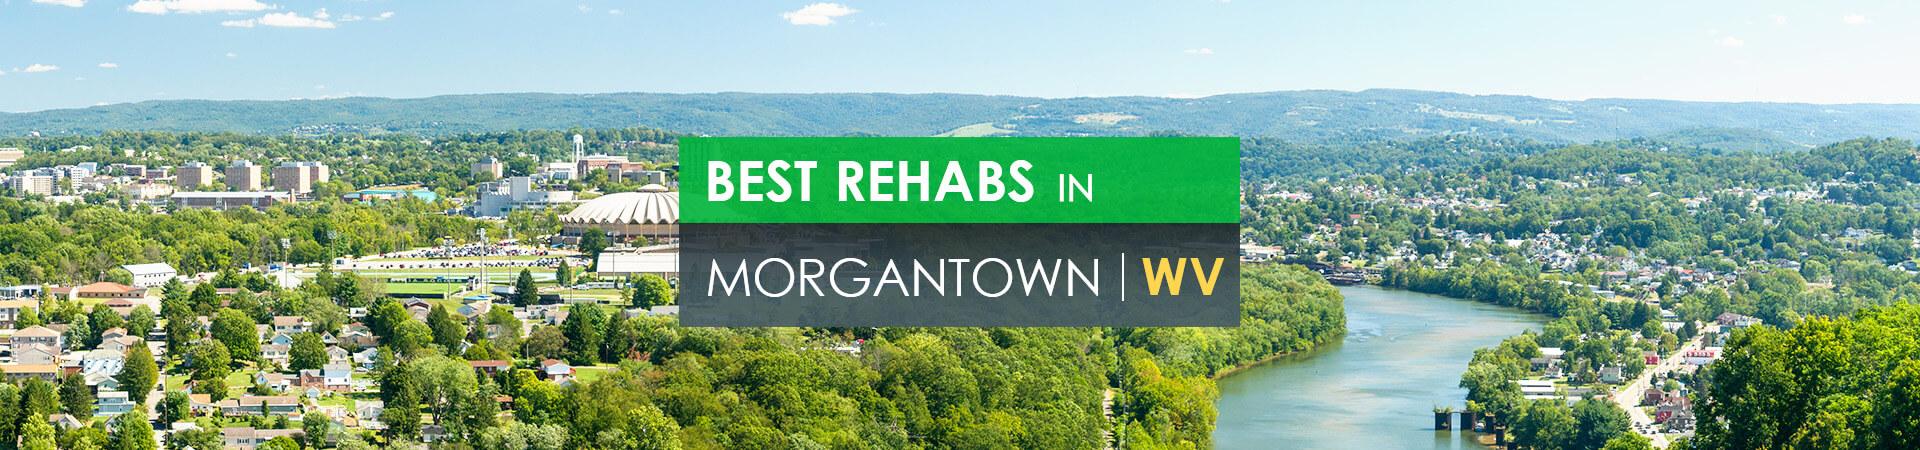 Best rehabs in Morgantown, WV